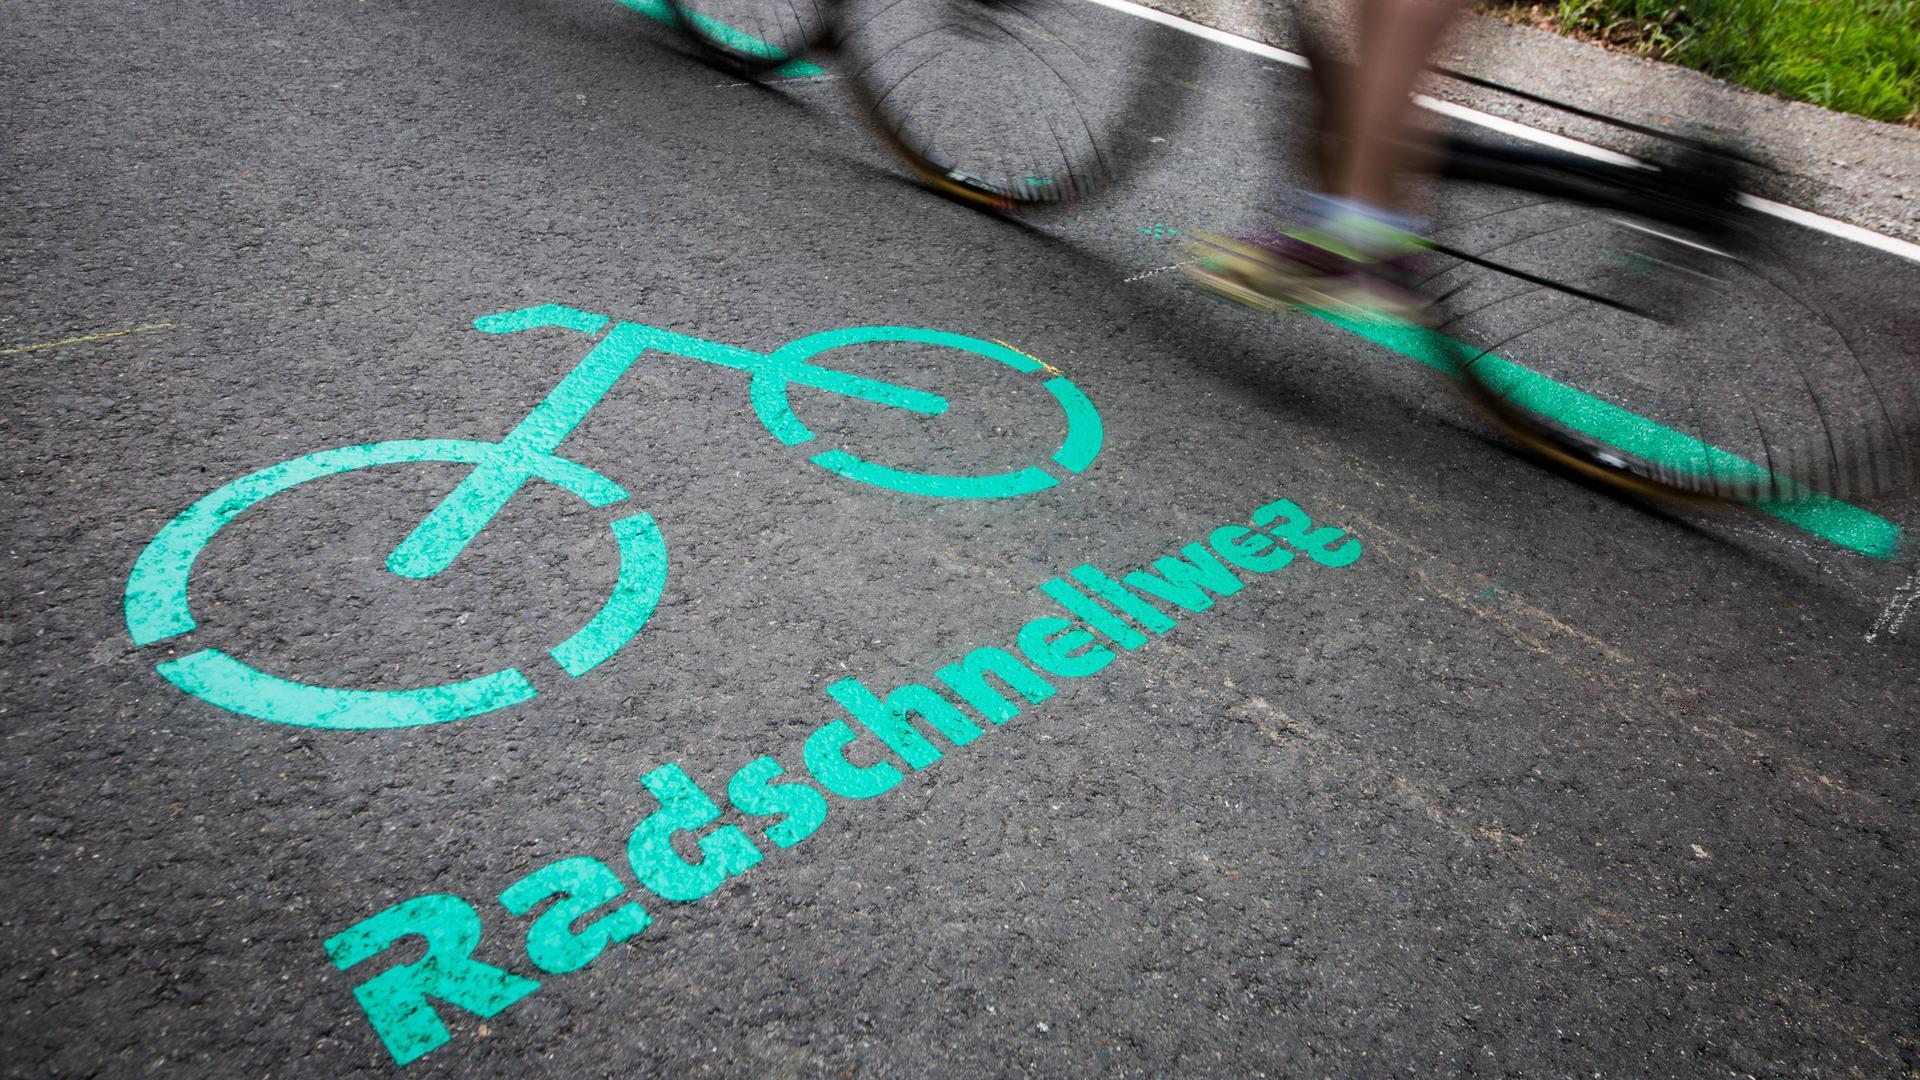 31.05.2019, Baden-Württemberg, Böblingen: Radfahrer fahren nach der Eröffnung des Radschnellwegs zwischen Böblingen/Sindelfingen und Stuttgart an einer Aufschrift auf dem Asphalt vorbei. Der erste Radschnellweg in Baden-Württemberg ist am 31.05.2019 für den Verkehr freigegeben worden. Foto: Christoph Schmidt/dpa +++ dpa-Bildfunk +++   Verwendung weltweit